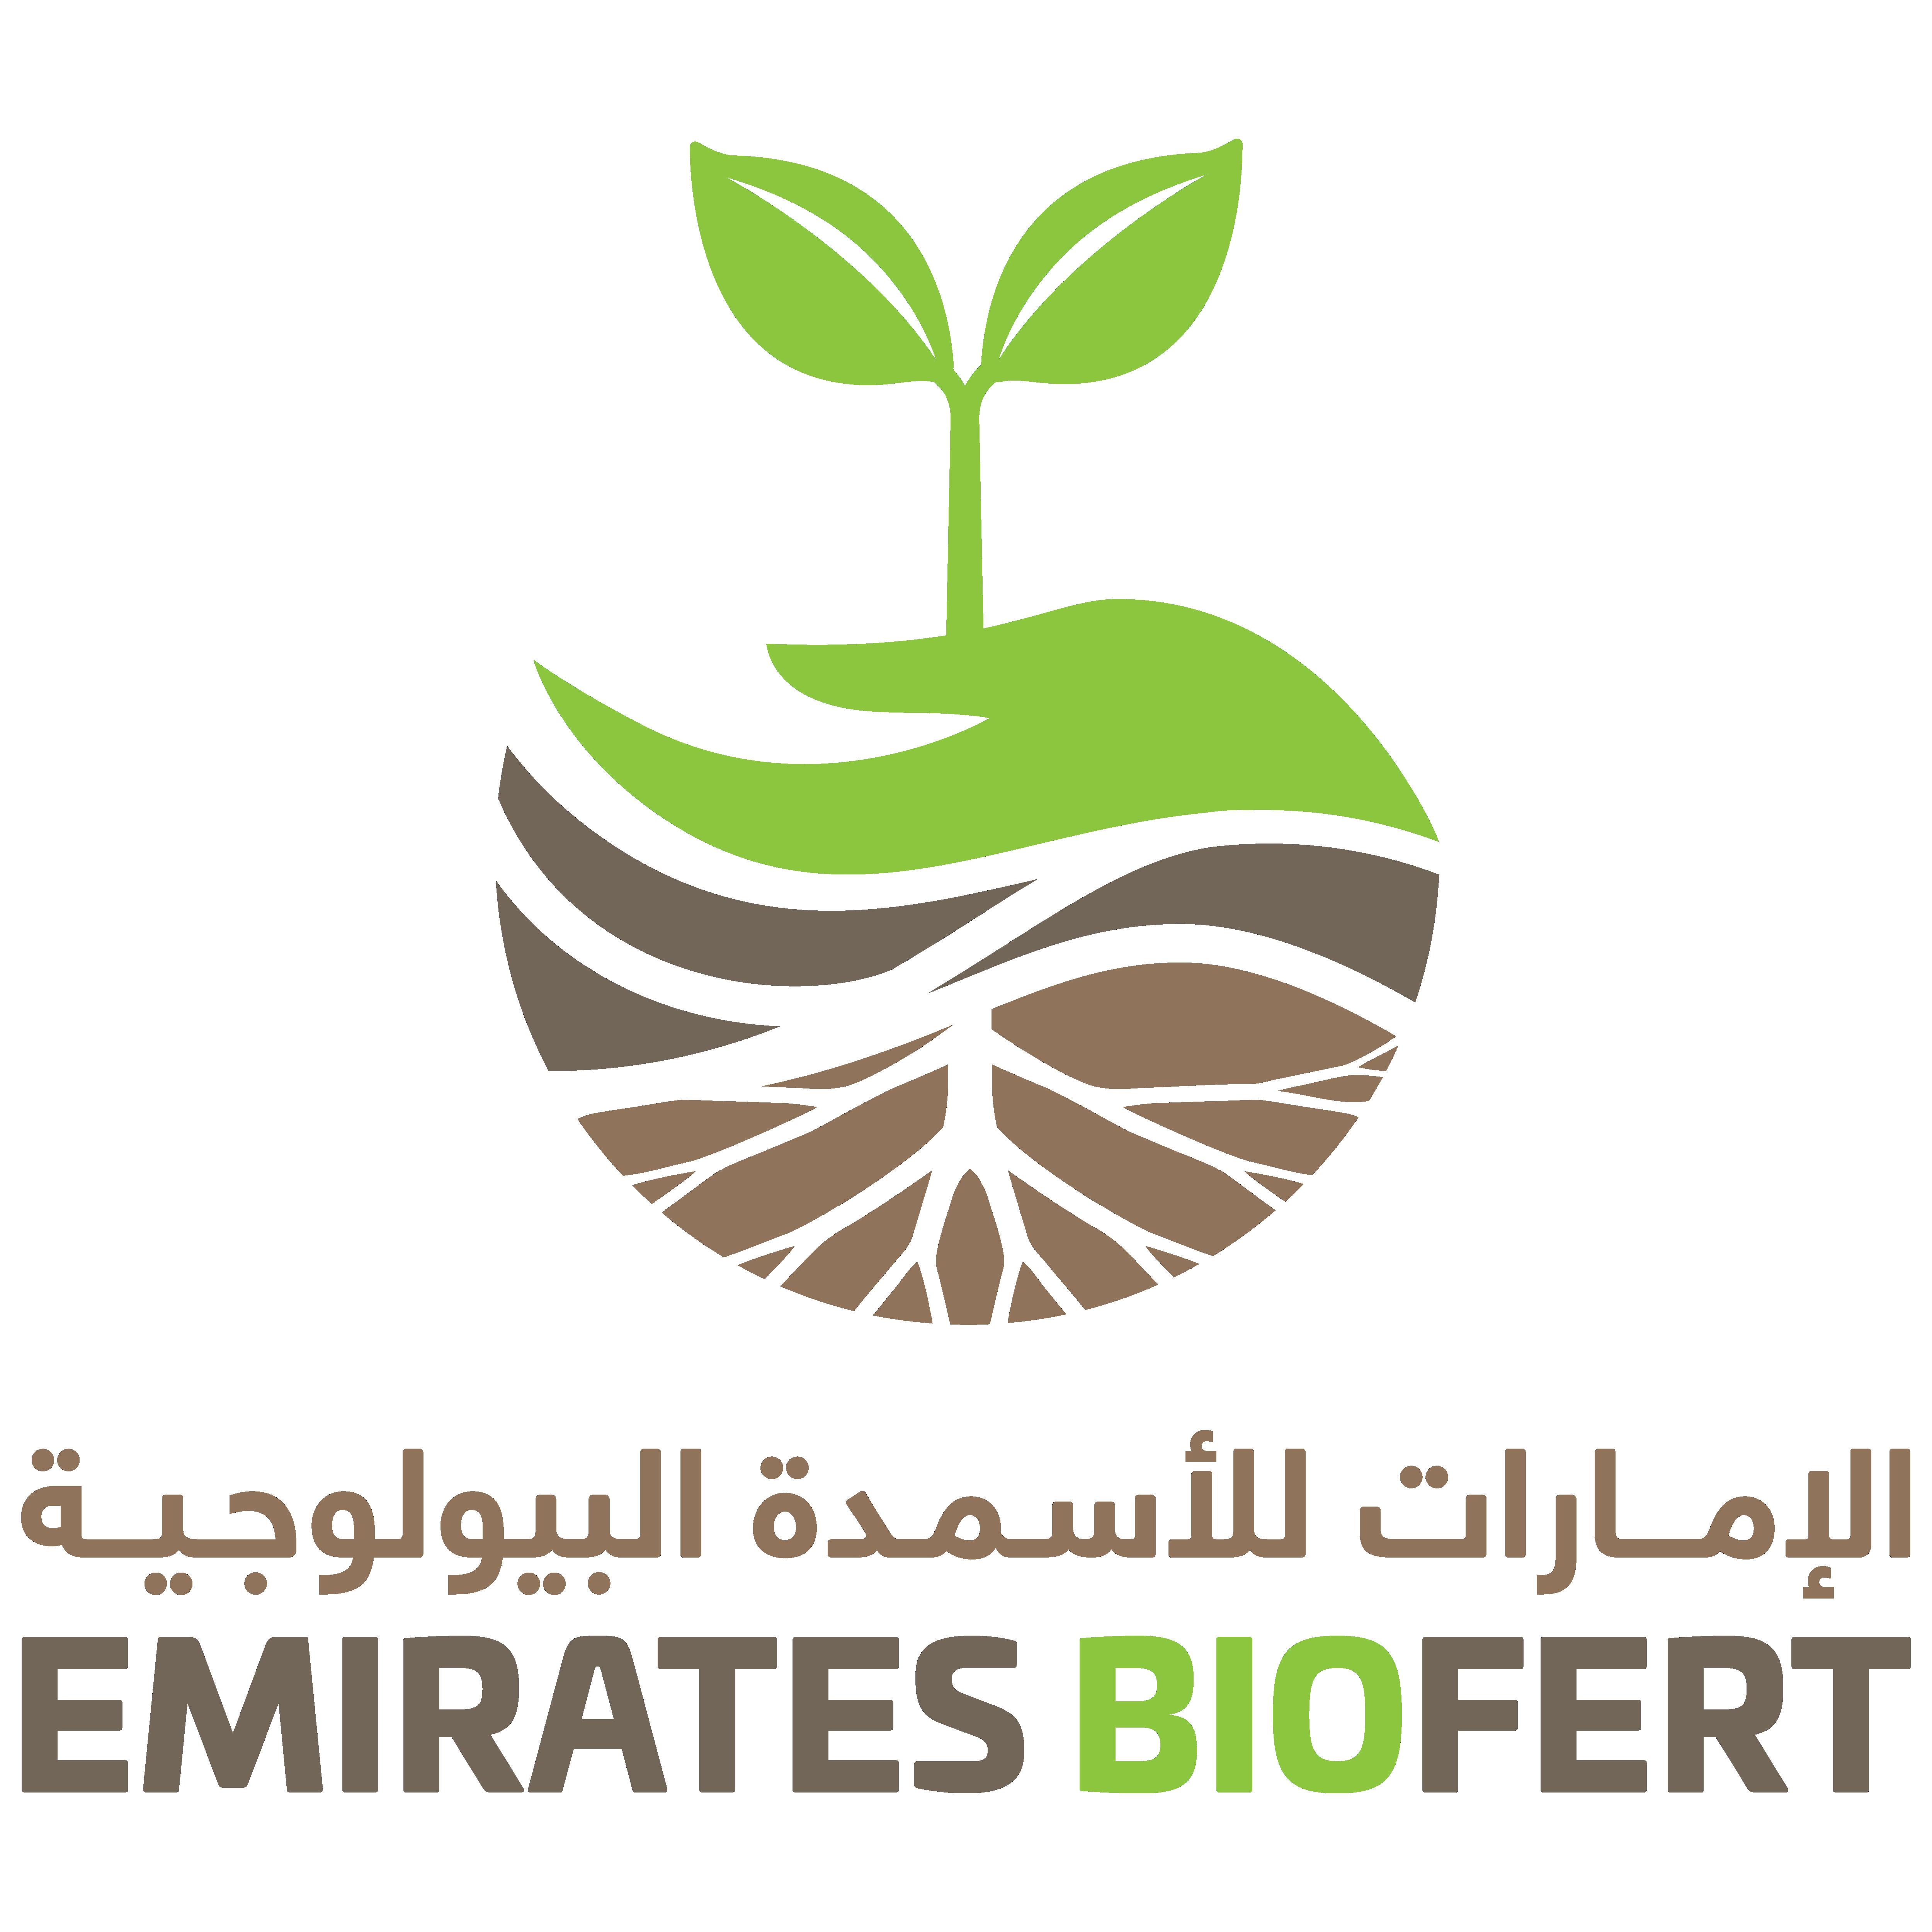 Emirates Bio Fertilizer Factory